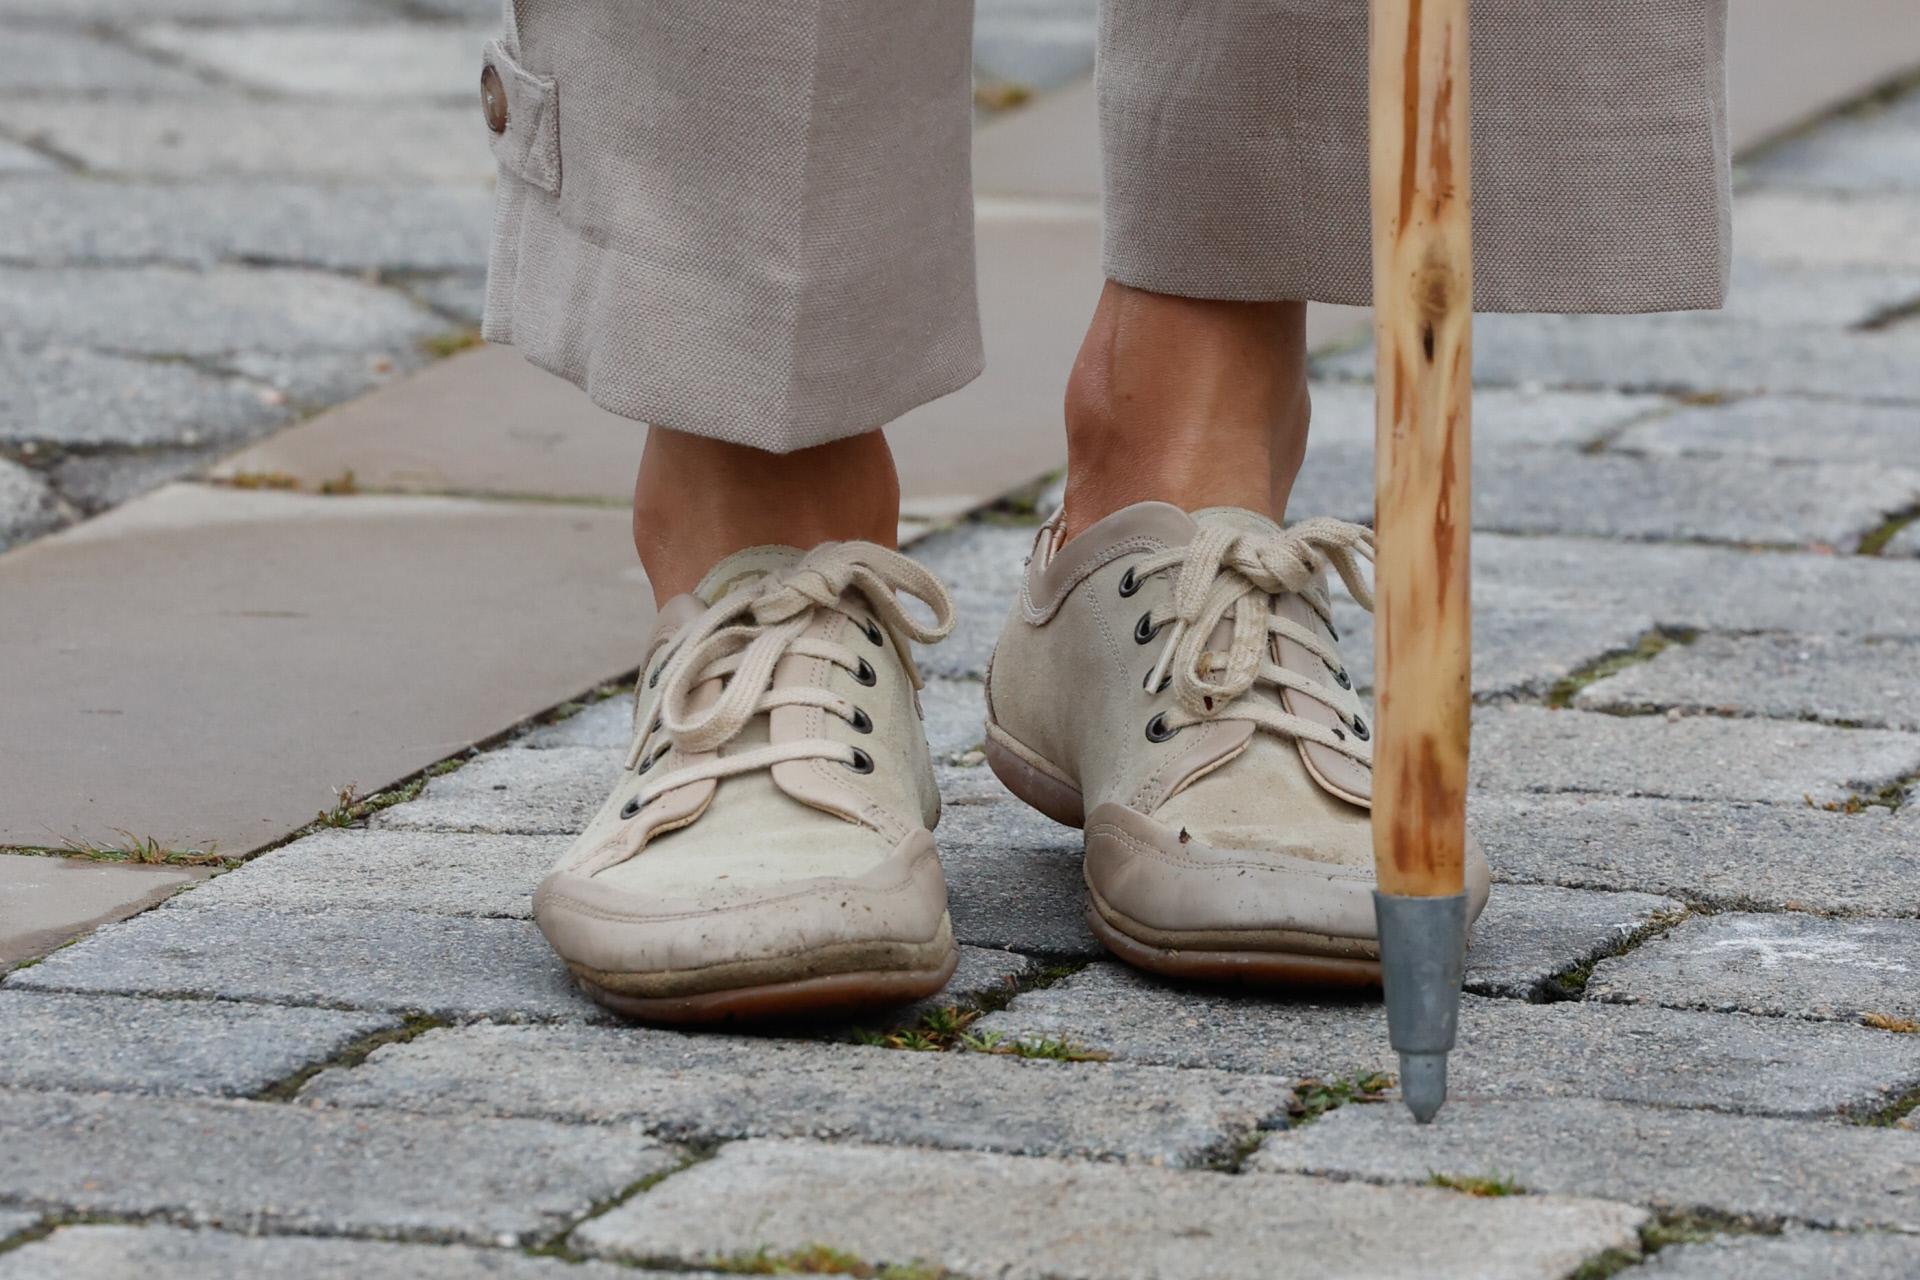 Detalle de las zapatillas de la Reina Letizia en su visita a Navarra